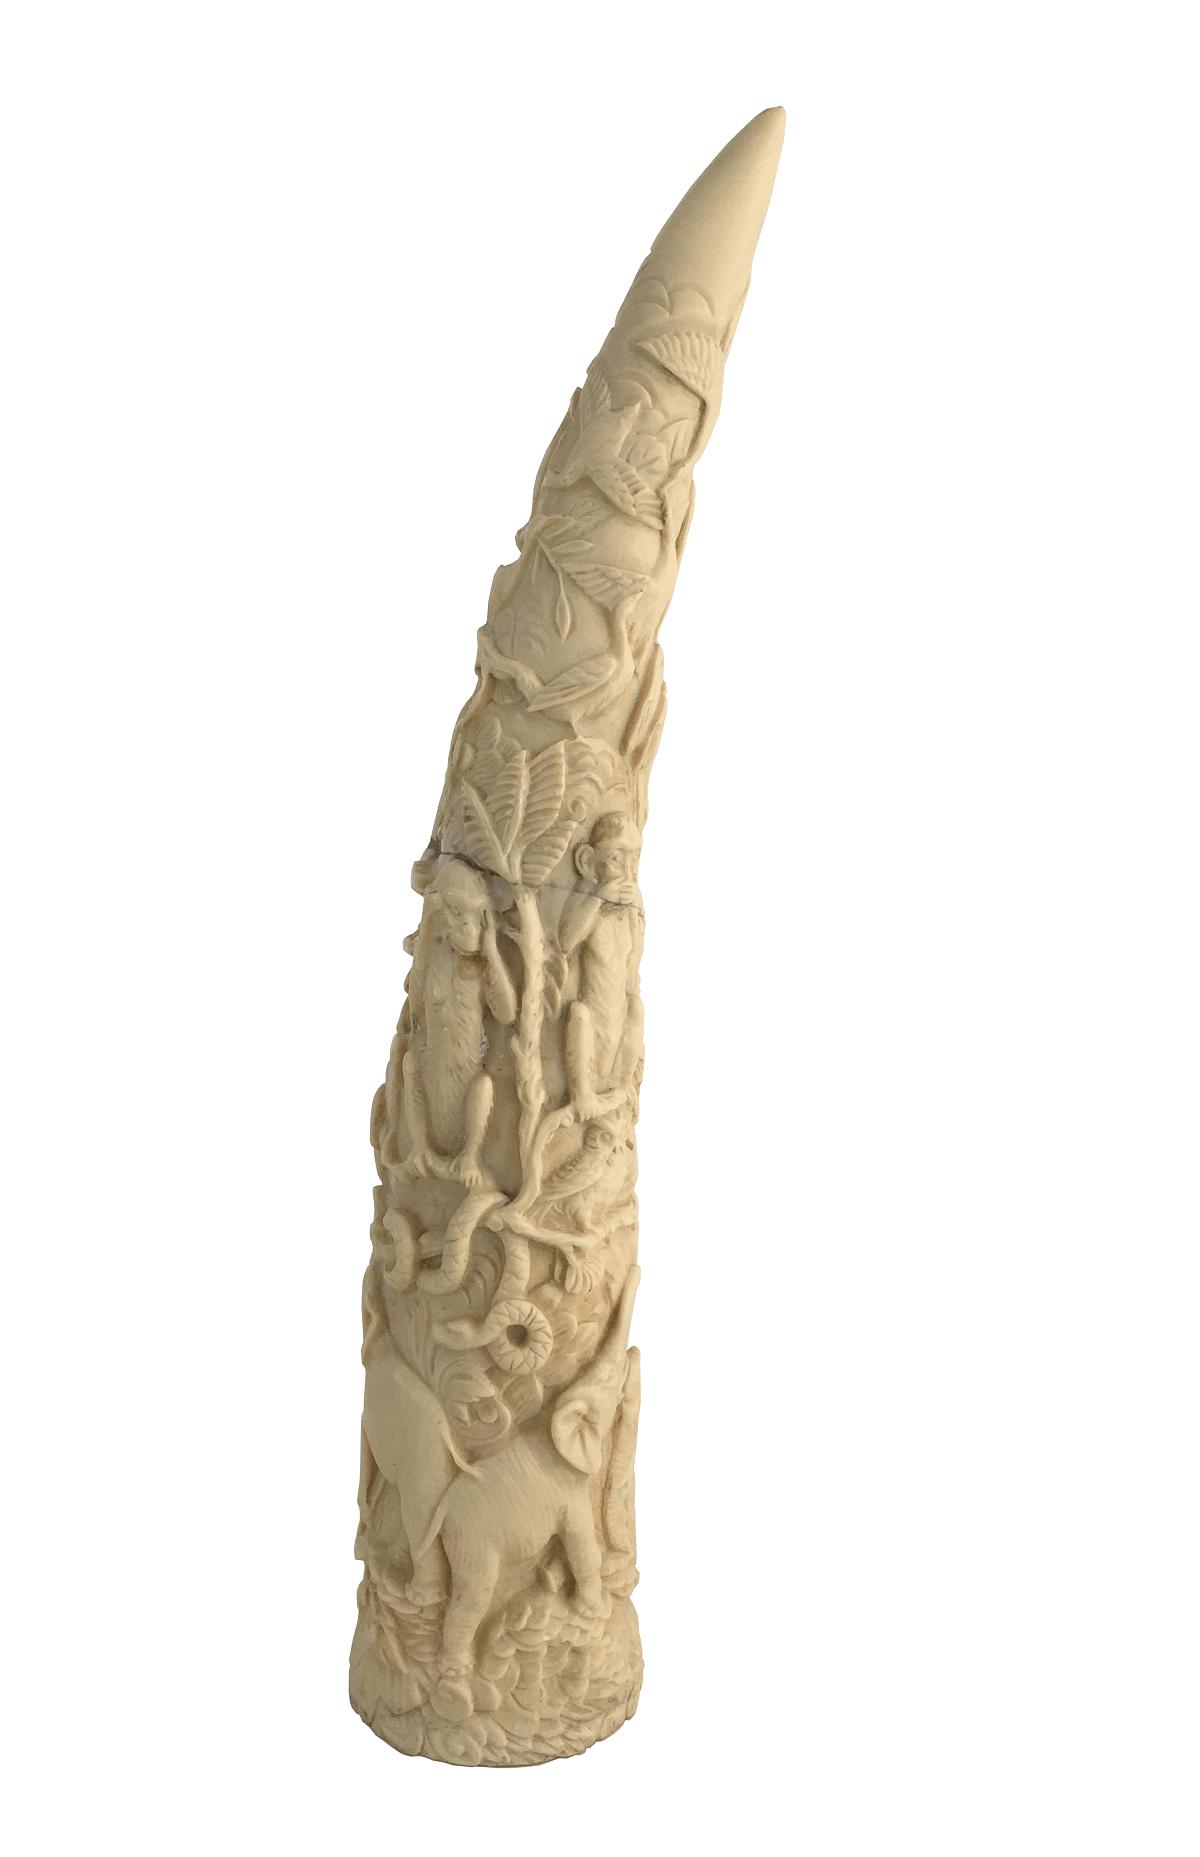 Escultura Em Resina Imitando Presa Marfim